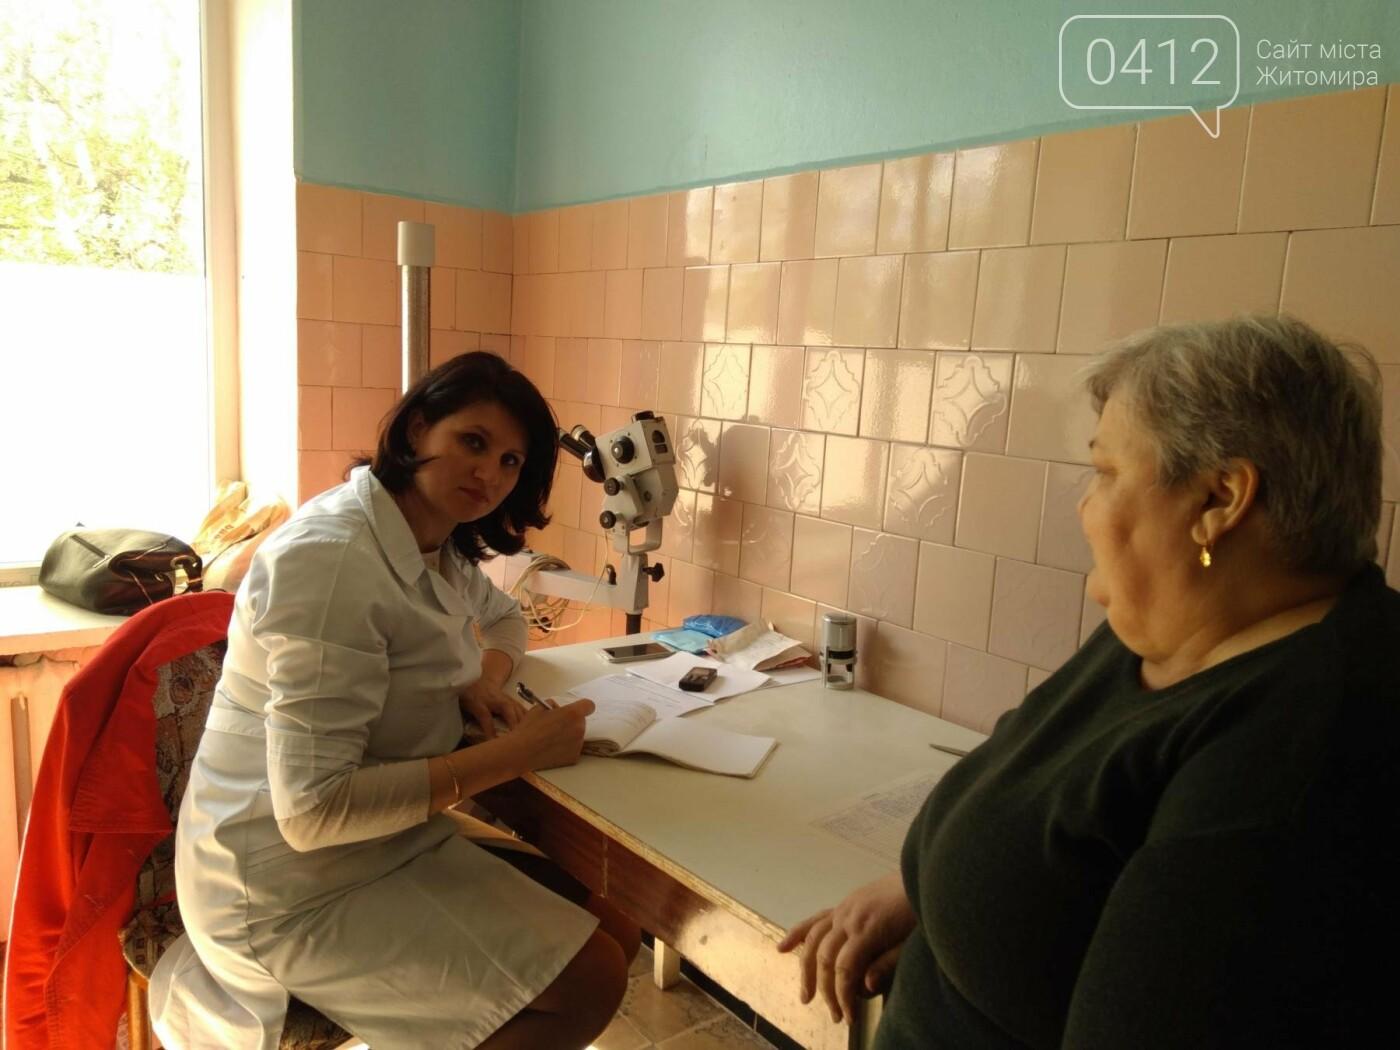 У Радомишльському та Малинському районах лікарі-онкологи провели профілактичні огляди, фото-3